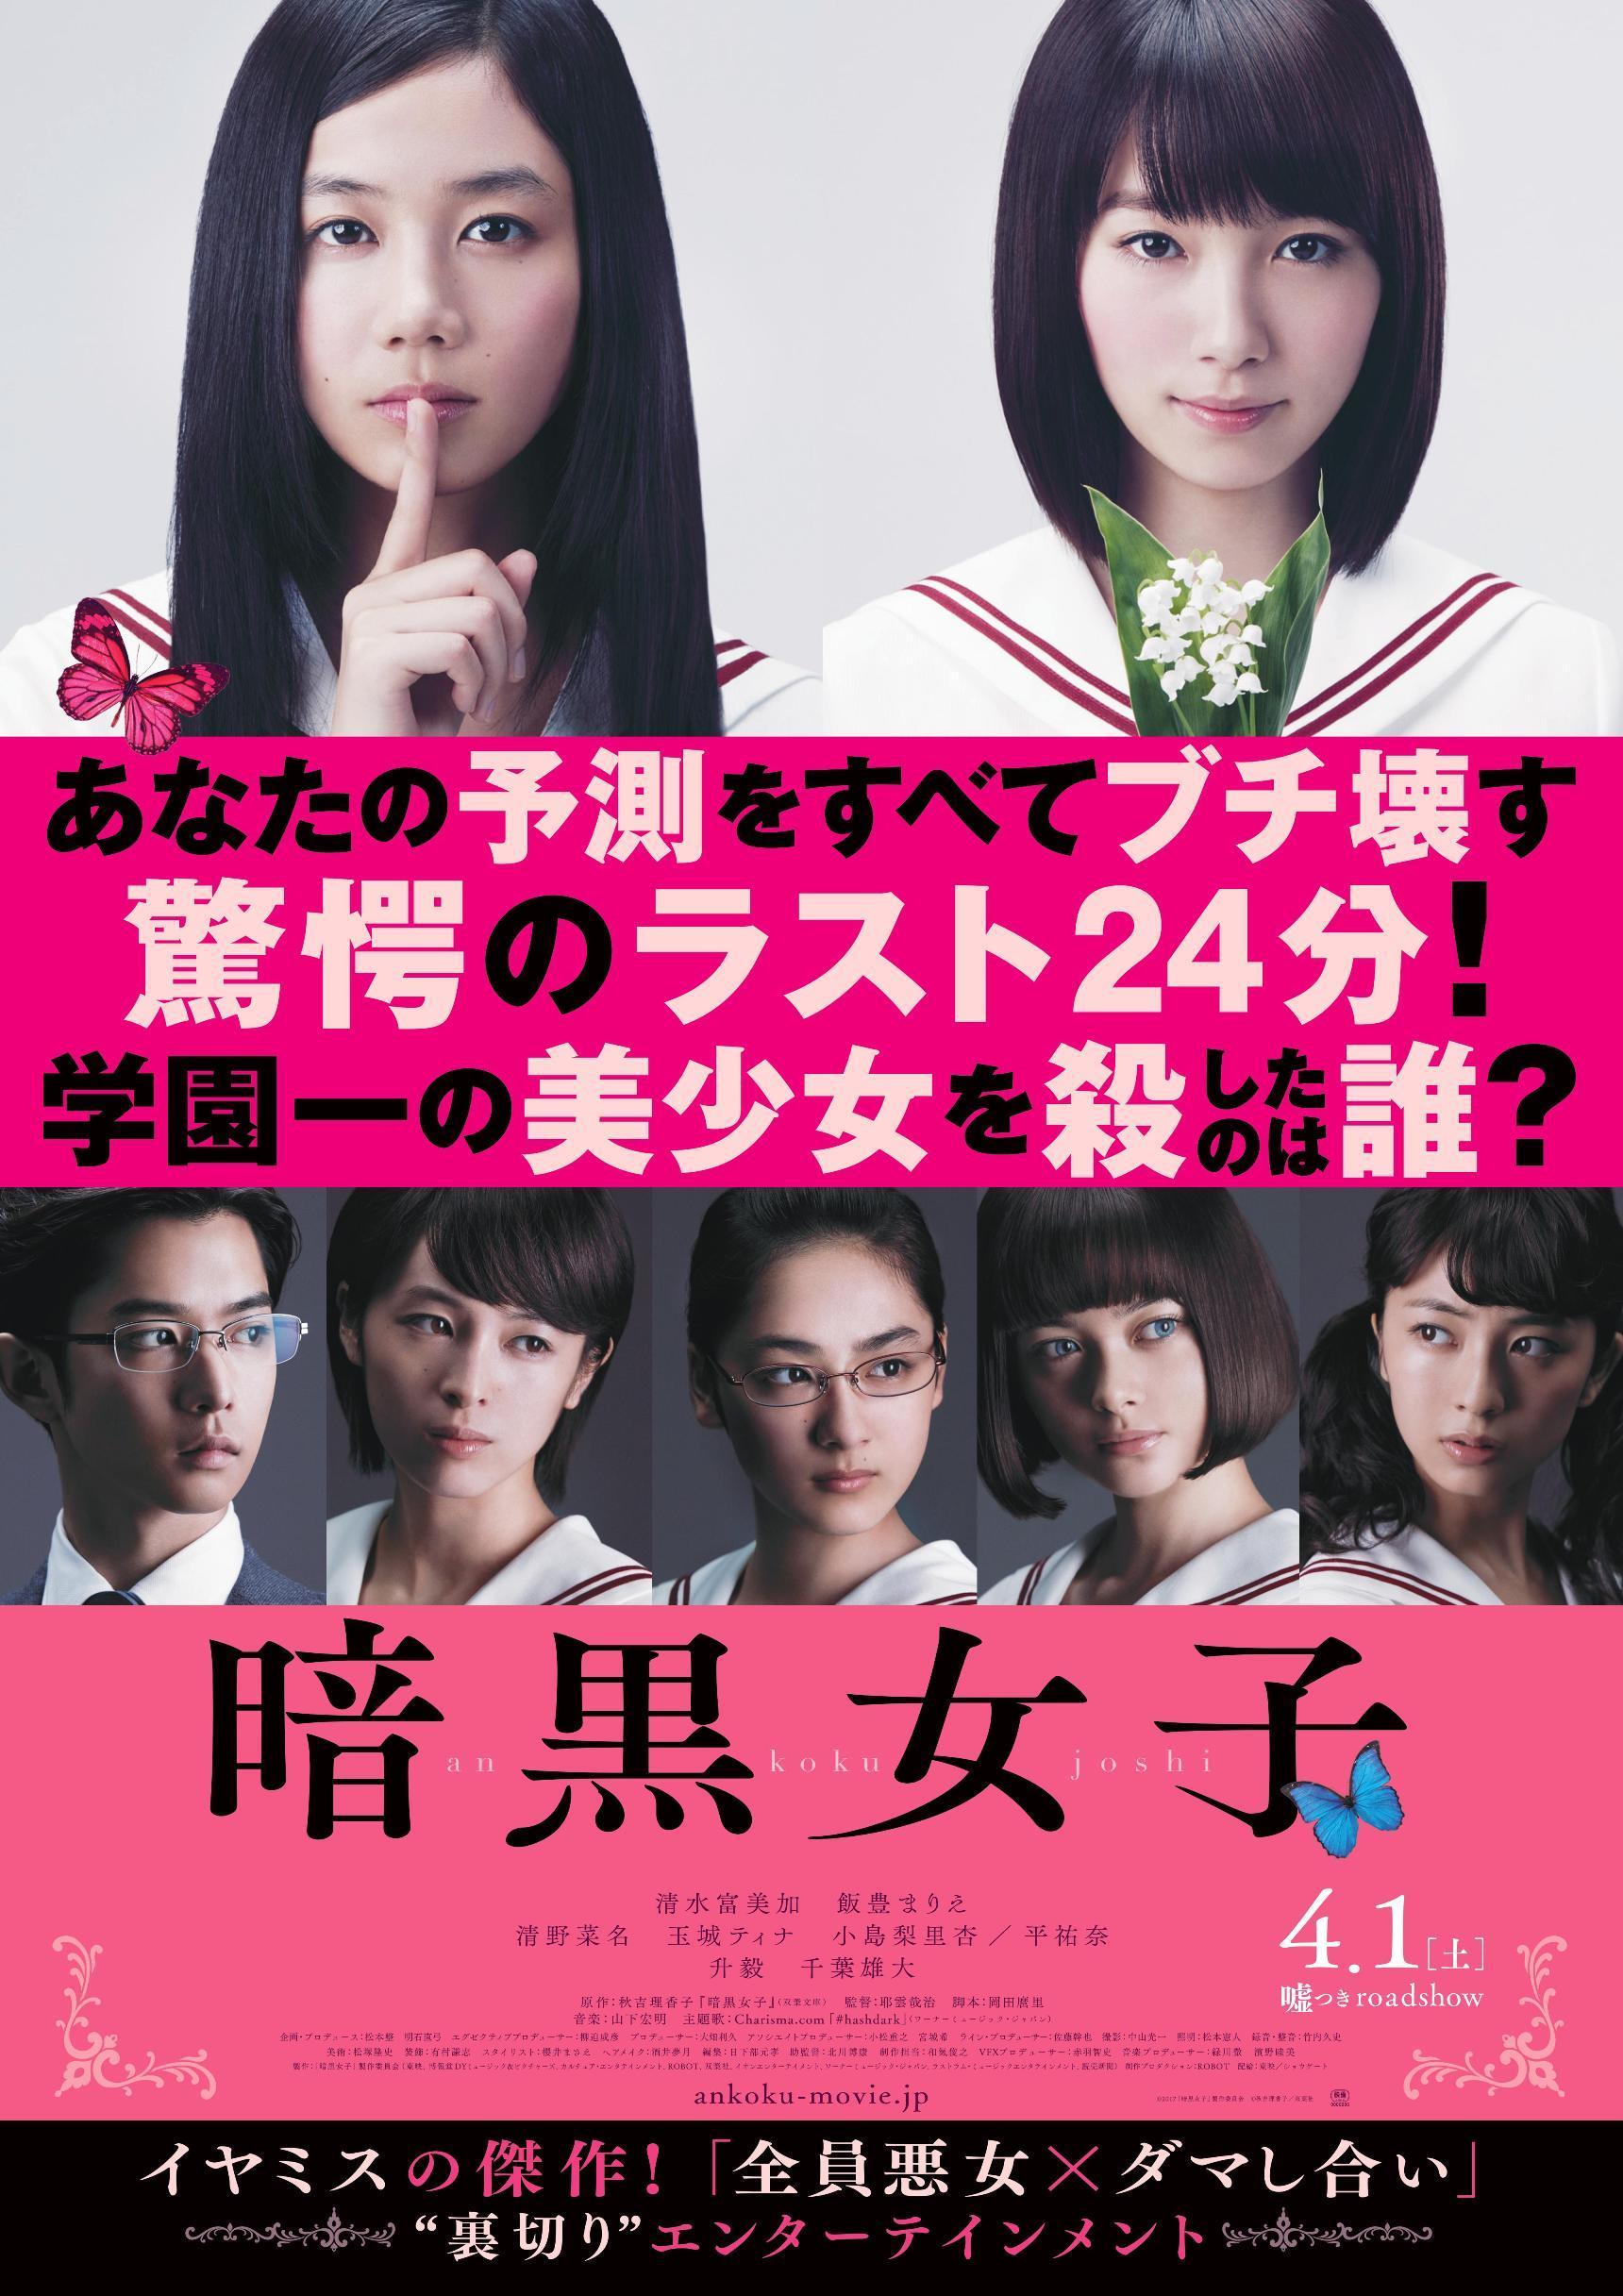 映画『暗黒女子』 ポスタービジュアル  (C)2017「暗黒女子」製作委員会 (C)秋吉理香子/双葉社